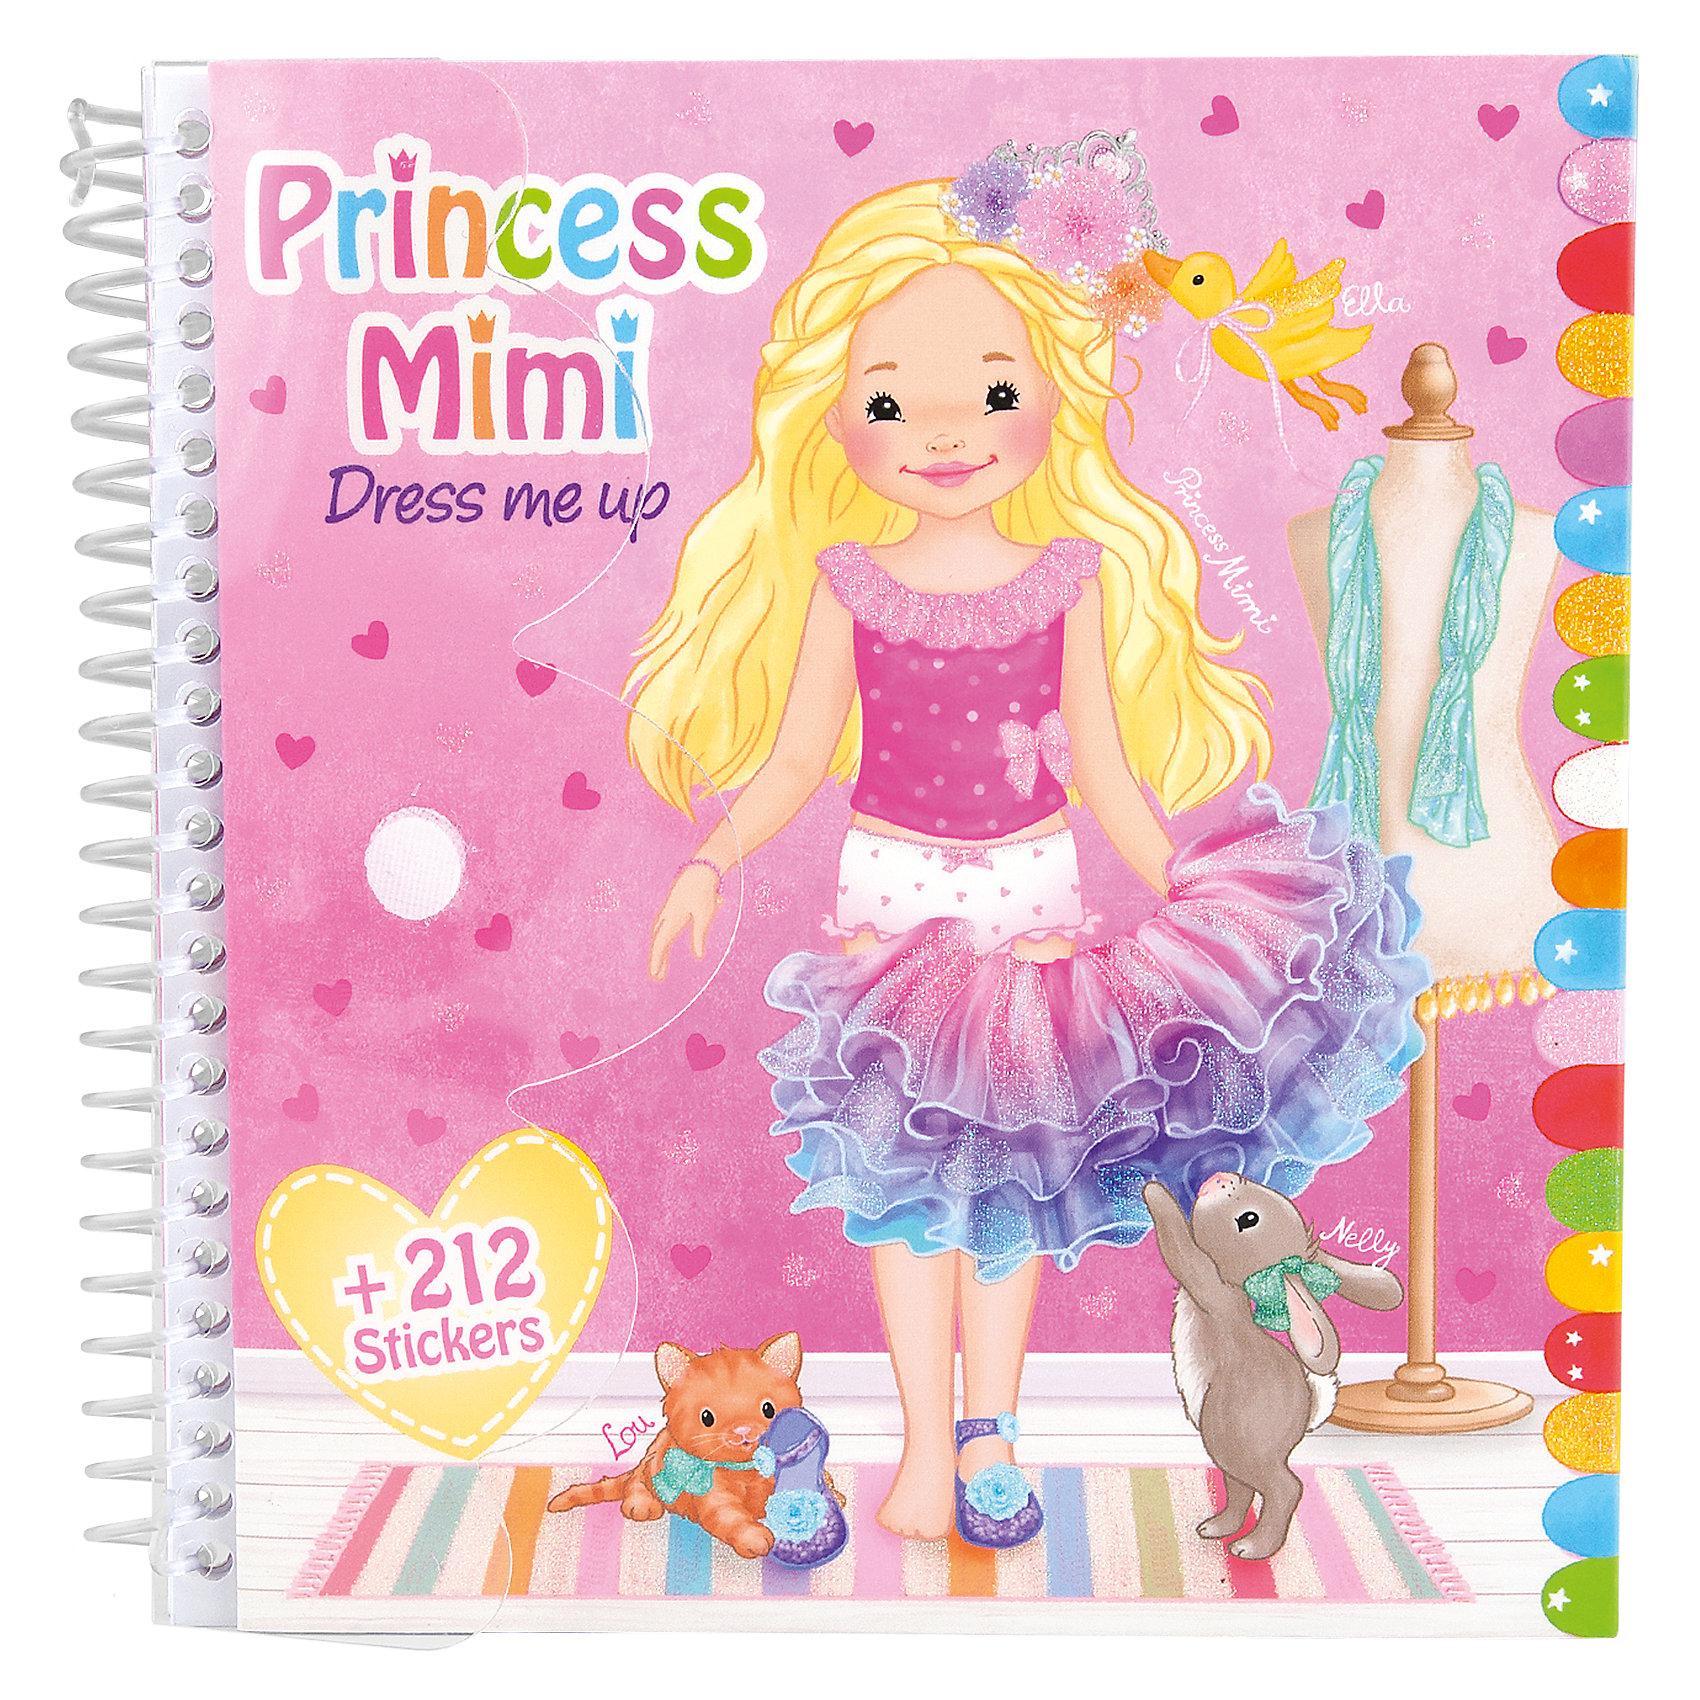 Альбом с наклейками Наряди меня, Princess MimiКнижки с наклейками<br>Альбом с наклейками Наряди меня, Princess Mimi<br><br>Характеристики:<br><br>• Количество страниц: 24 листа<br>• Размер: 16х15,5 см<br>• В комплекте: раскраска, 10 листов наклеек<br><br>Пользуясь этим альбомом, ваш ребенок сможет проявить фантазию и развить свое воображение, наряжая принцессу Мими. В альбоме содержится 24 листа с картинками и 10 листов с наклейками. Большое разнообразие нарядов – от простого наряда, до вечернего, от милых и простых – до нарядных и дорогих.<br><br>Альбом с наклейками Наряди меня, Princess Mimi можно купить в нашем интернет-магазине.<br><br>Ширина мм: 177<br>Глубина мм: 162<br>Высота мм: 20<br>Вес г: 124<br>Возраст от месяцев: 36<br>Возраст до месяцев: 72<br>Пол: Женский<br>Возраст: Детский<br>SKU: 4532713